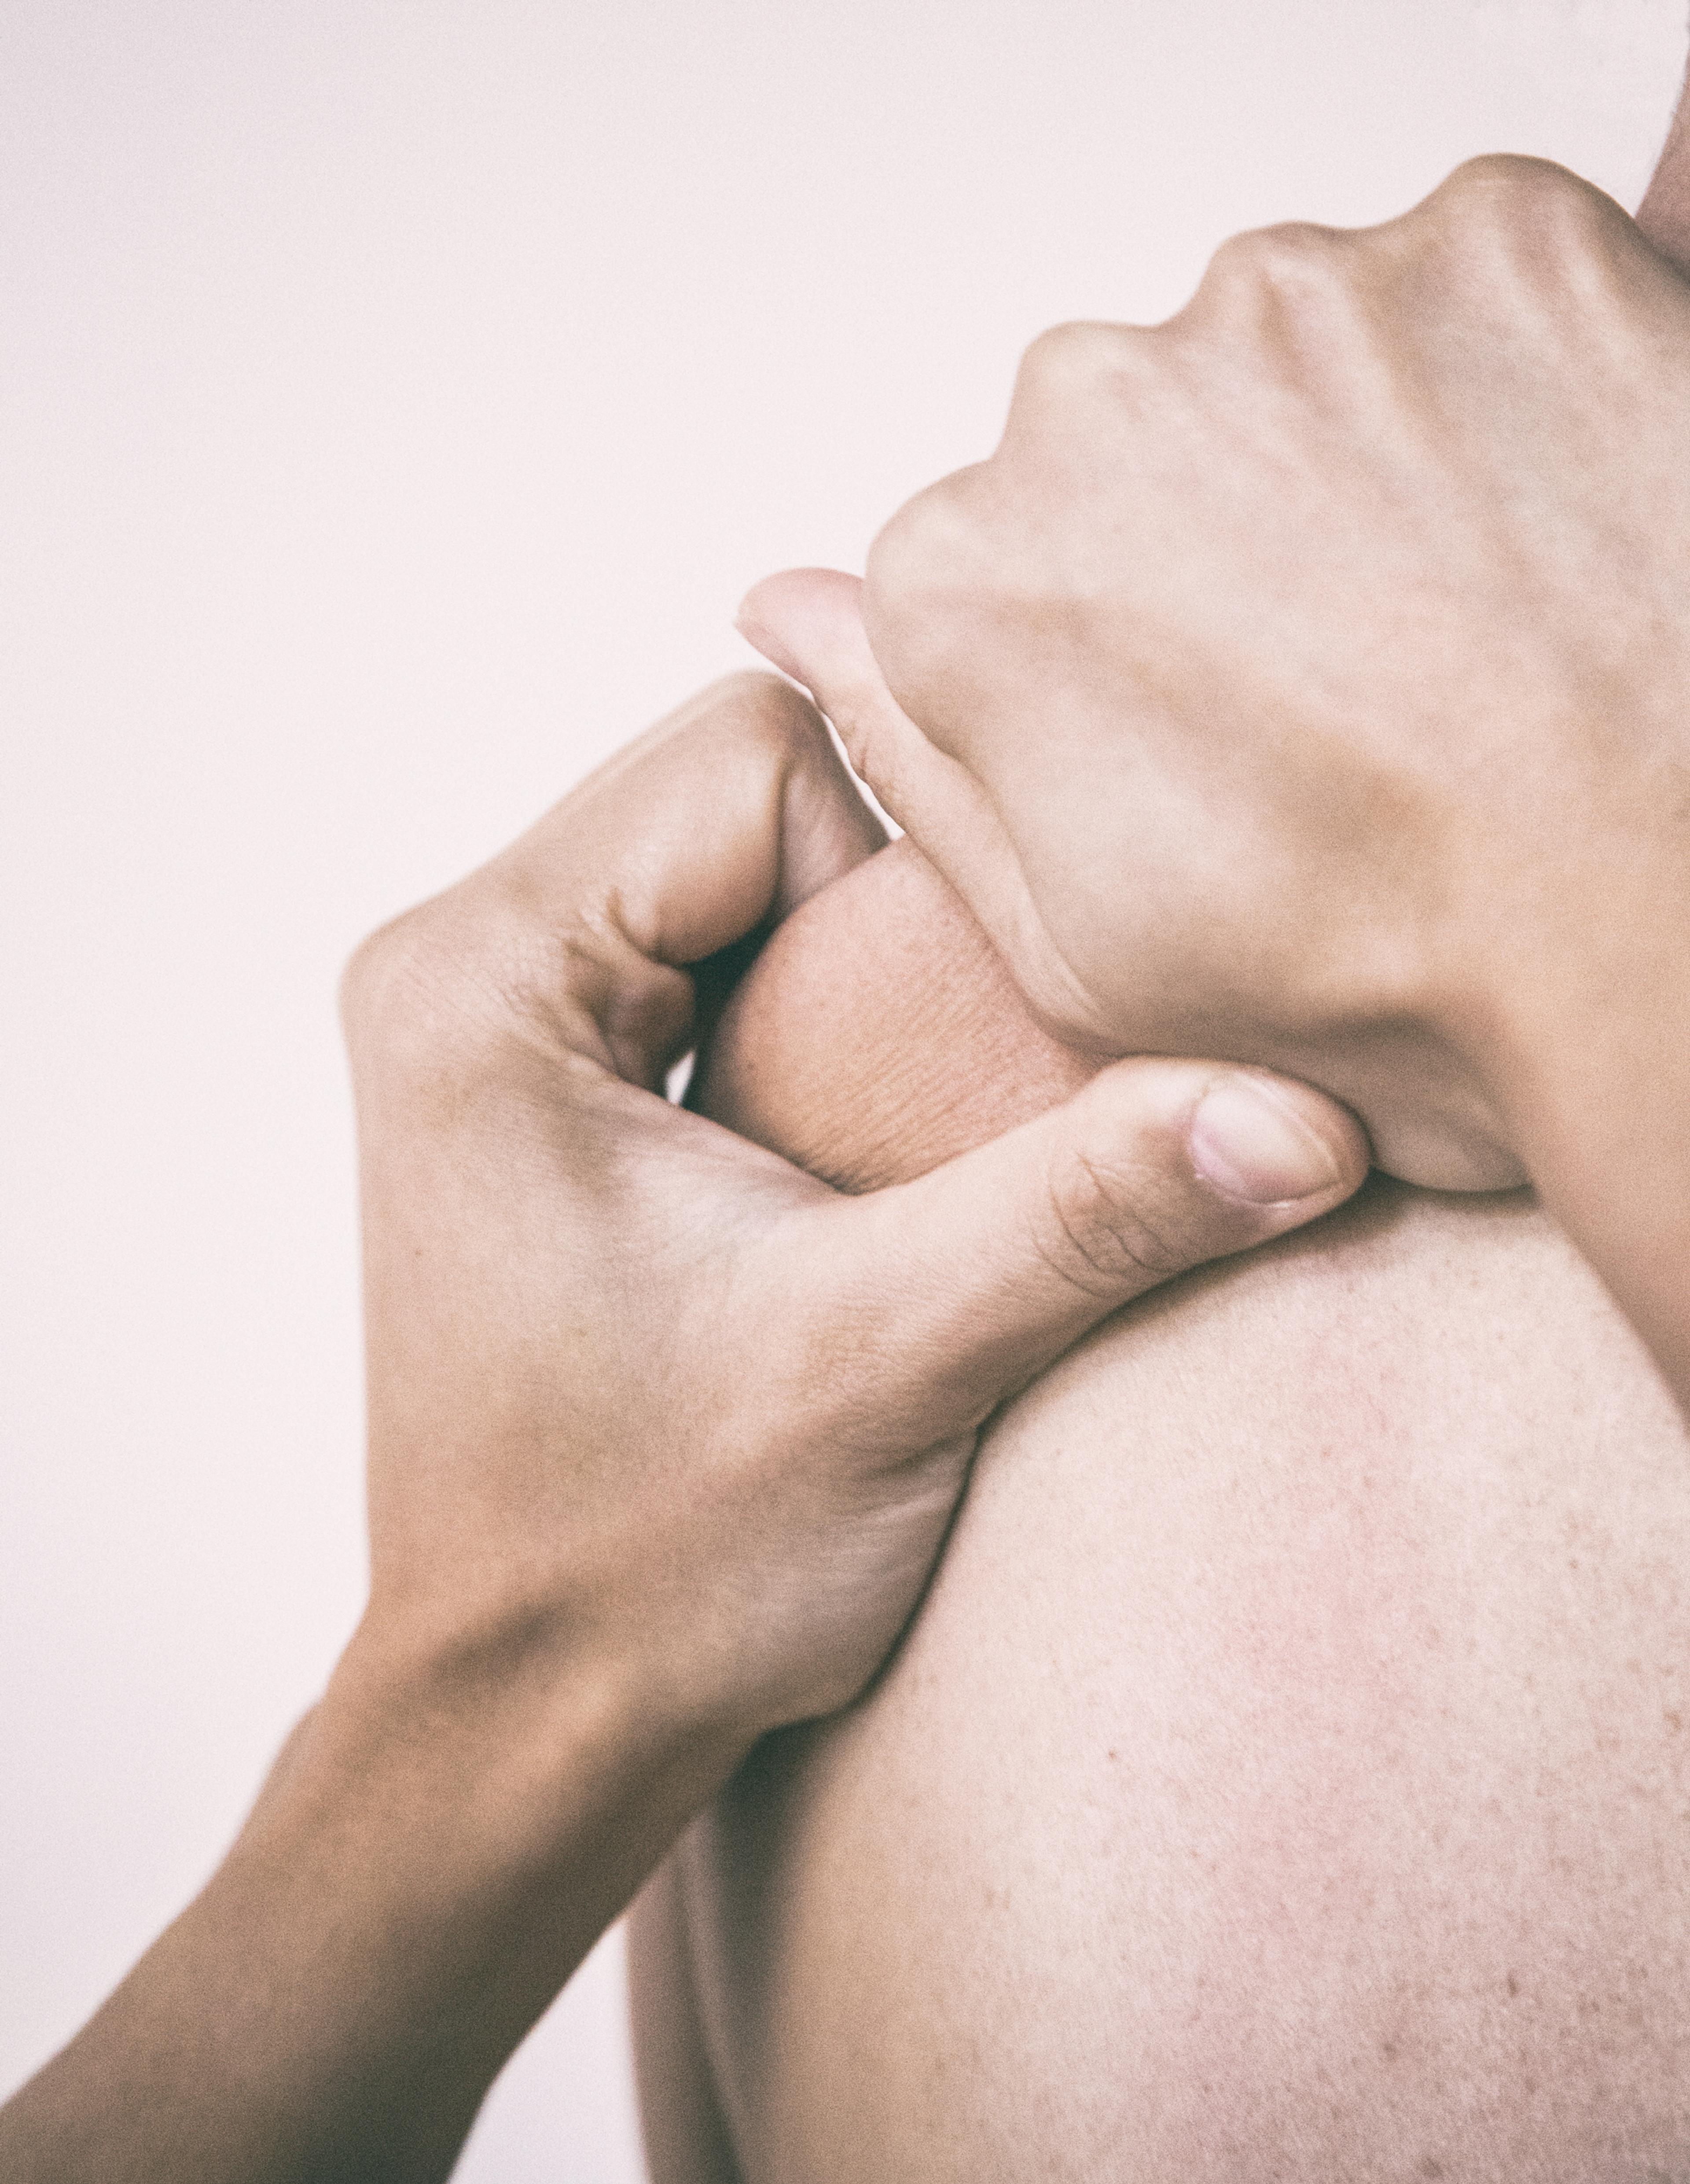 Bespoke Massage